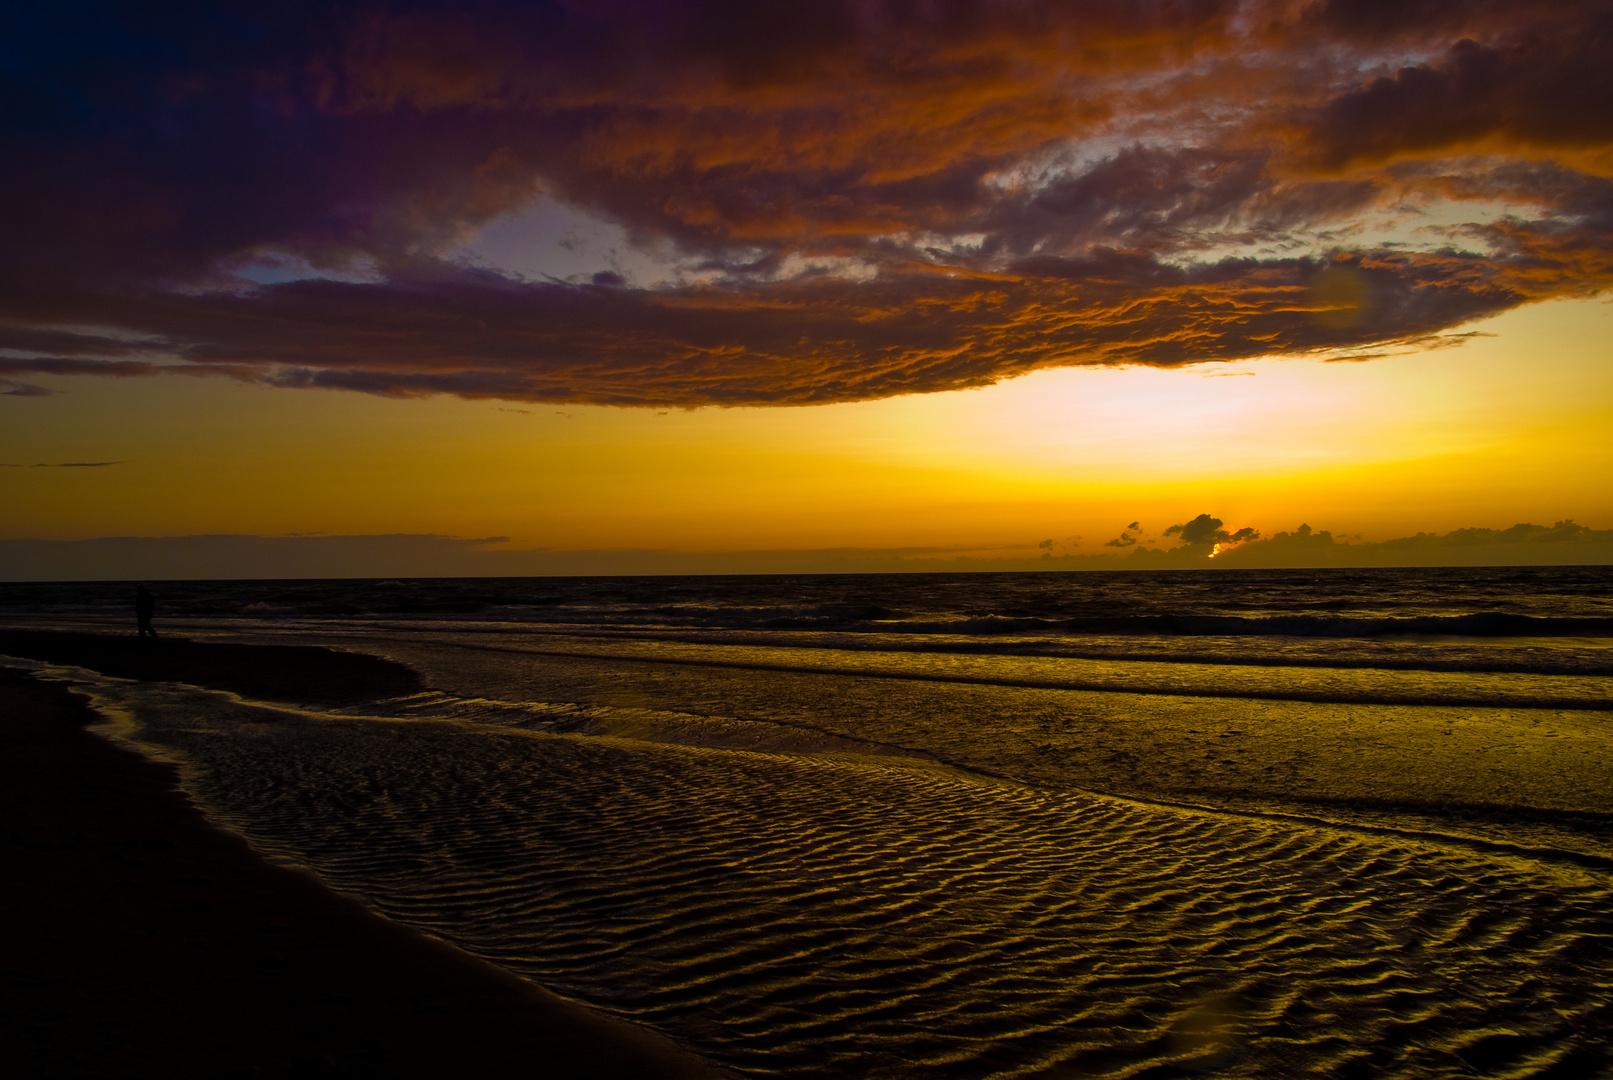 Sommerabend am Meer